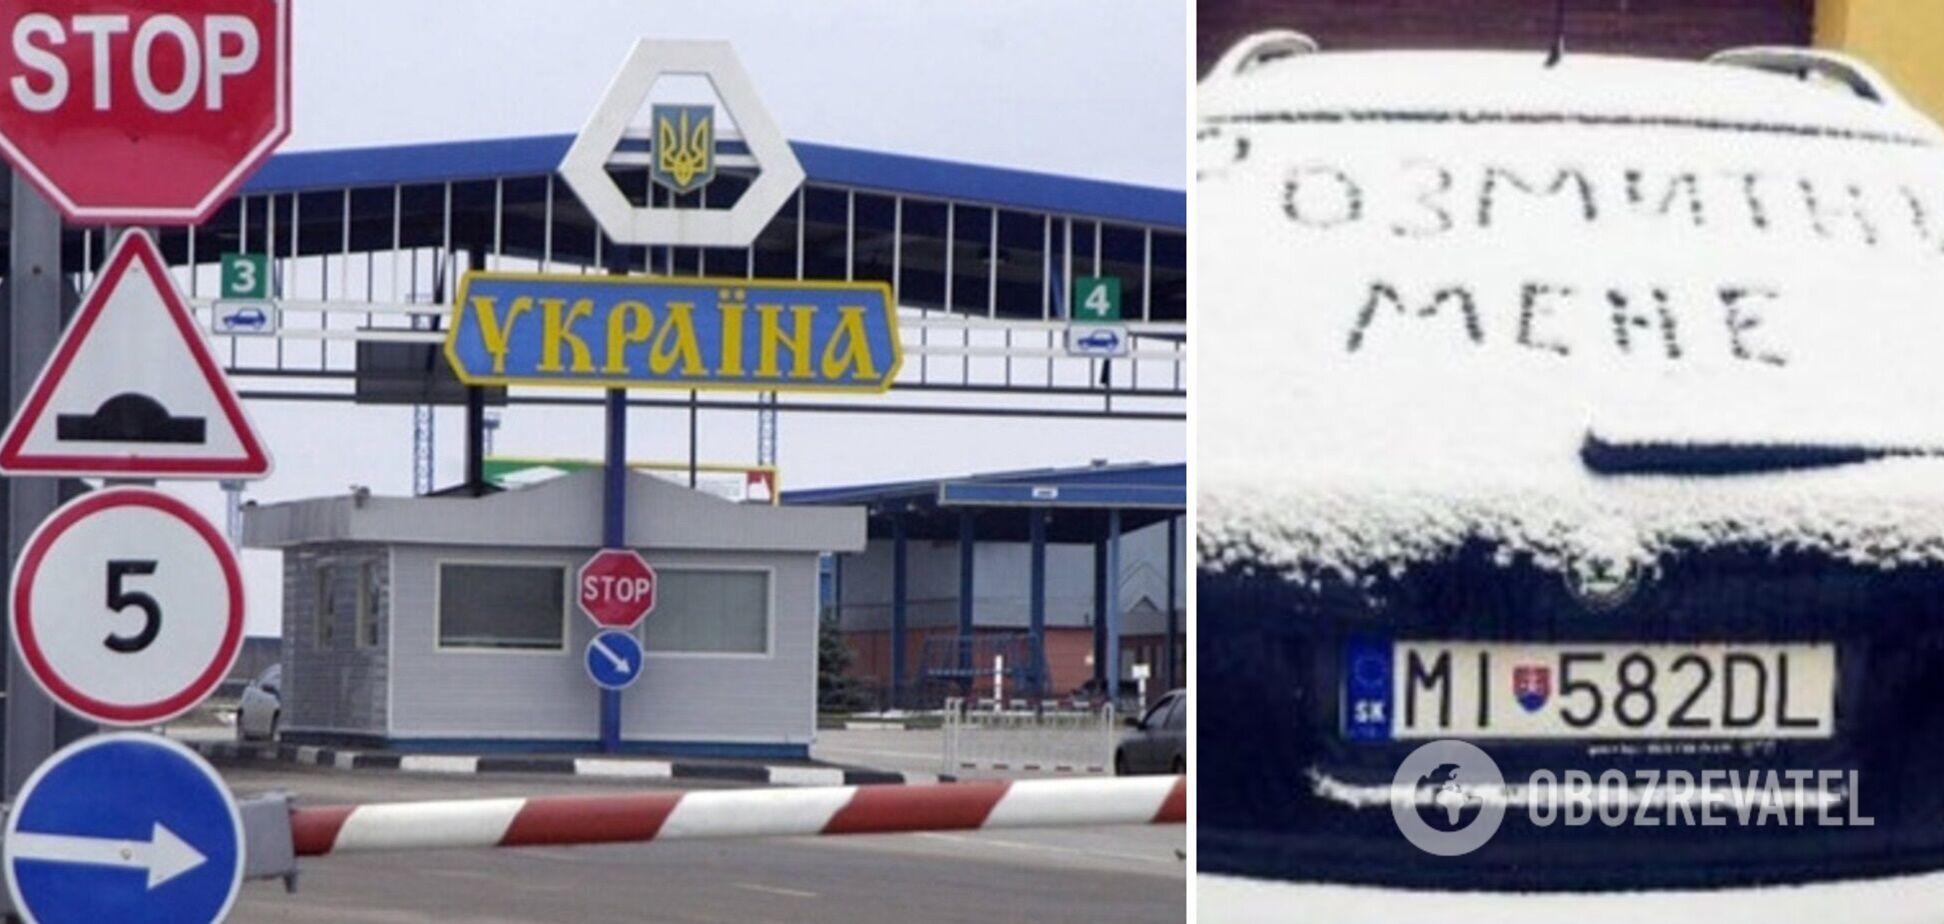 Українці поспішають розмитнити 'євробляхи'